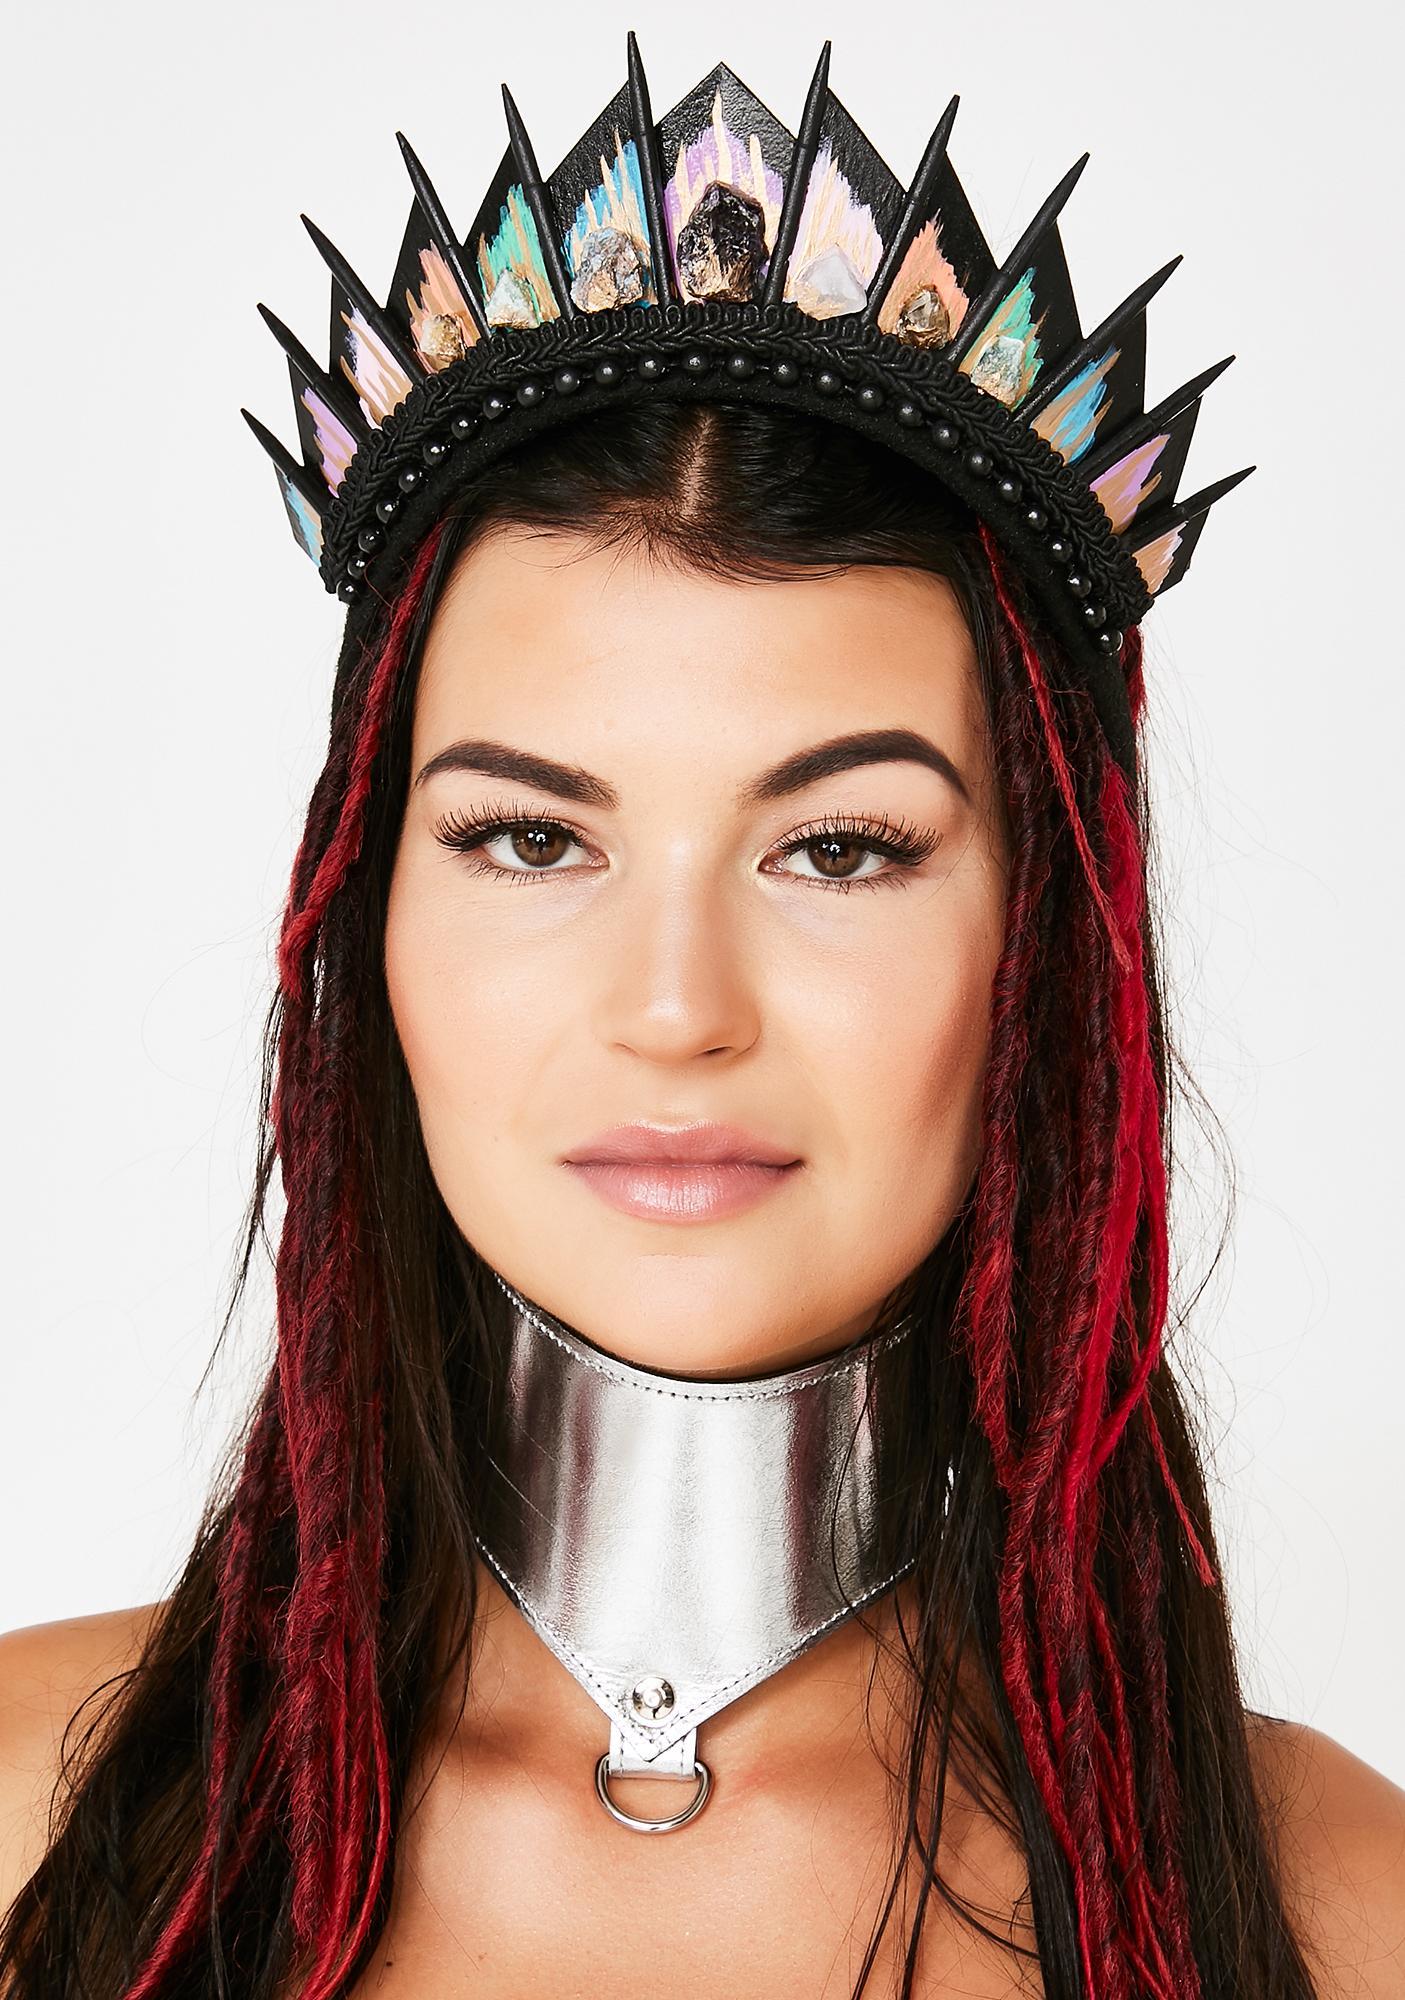 Loschy Designs Rainbow Crystal Black Blade Crown